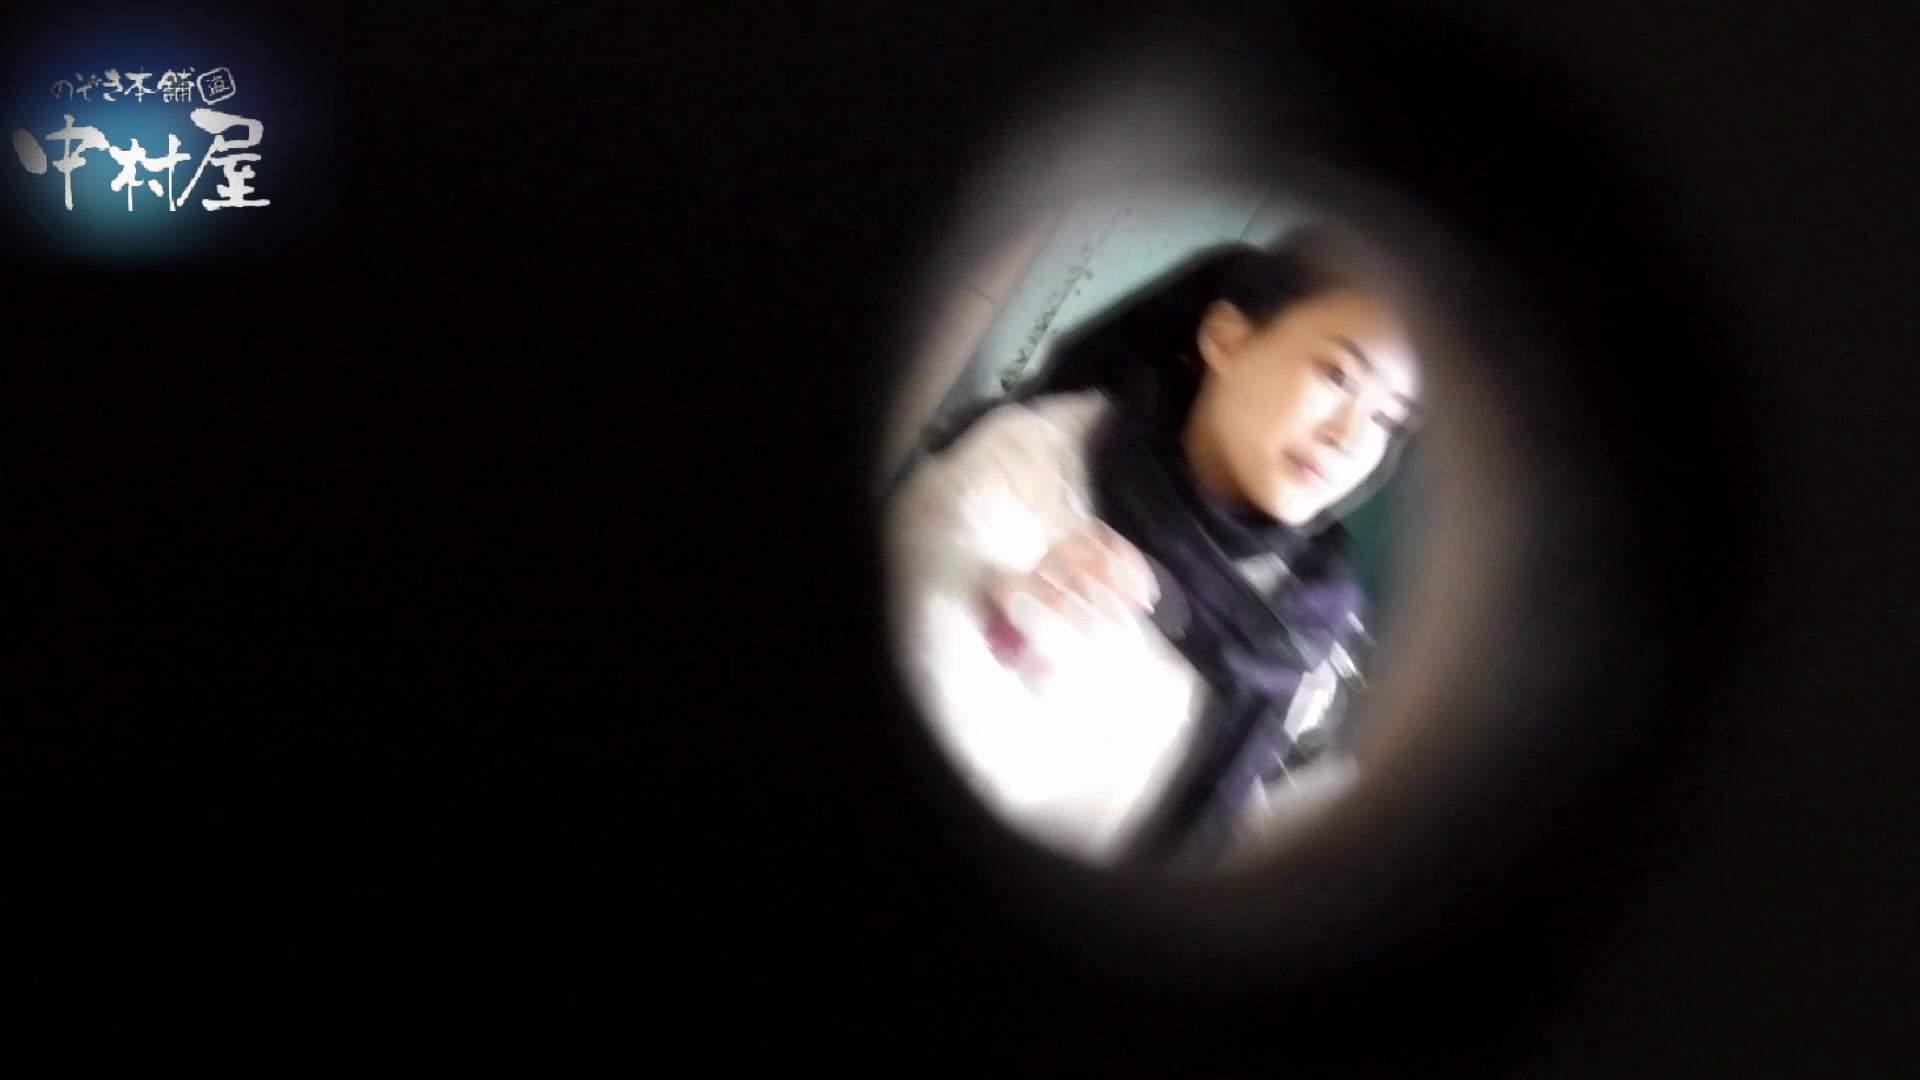 乙女集まる!ショッピングモール潜入撮vol.06 OLのエロ生活  108連発 48